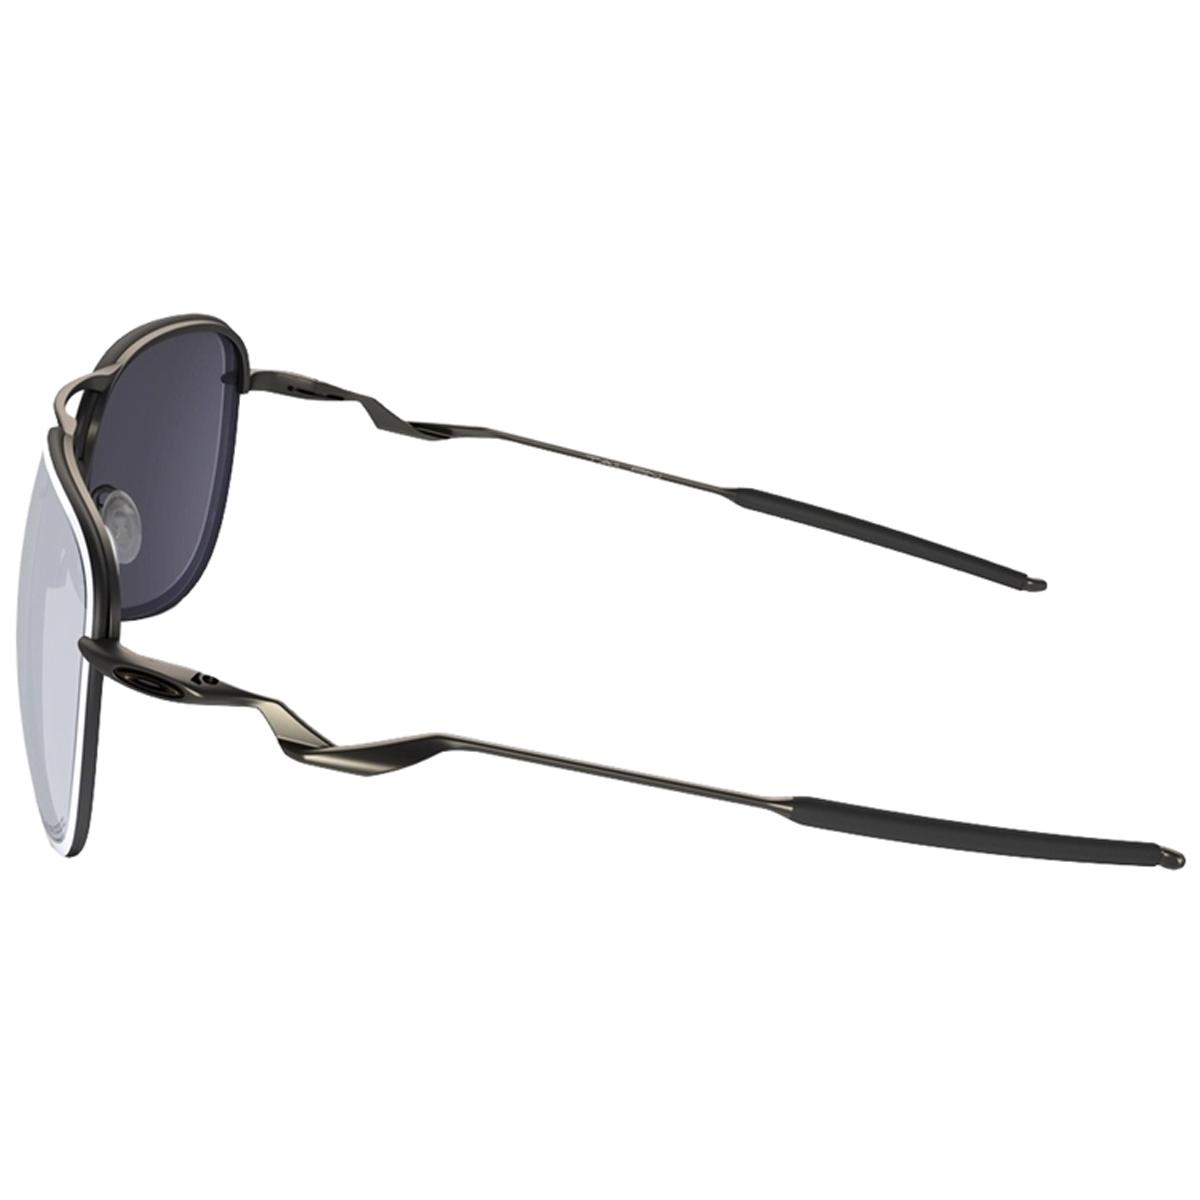 Óculos Oakley Tailpin Carbon Com Grey Polarizado ref OO4086-05 d3b97ecbb1